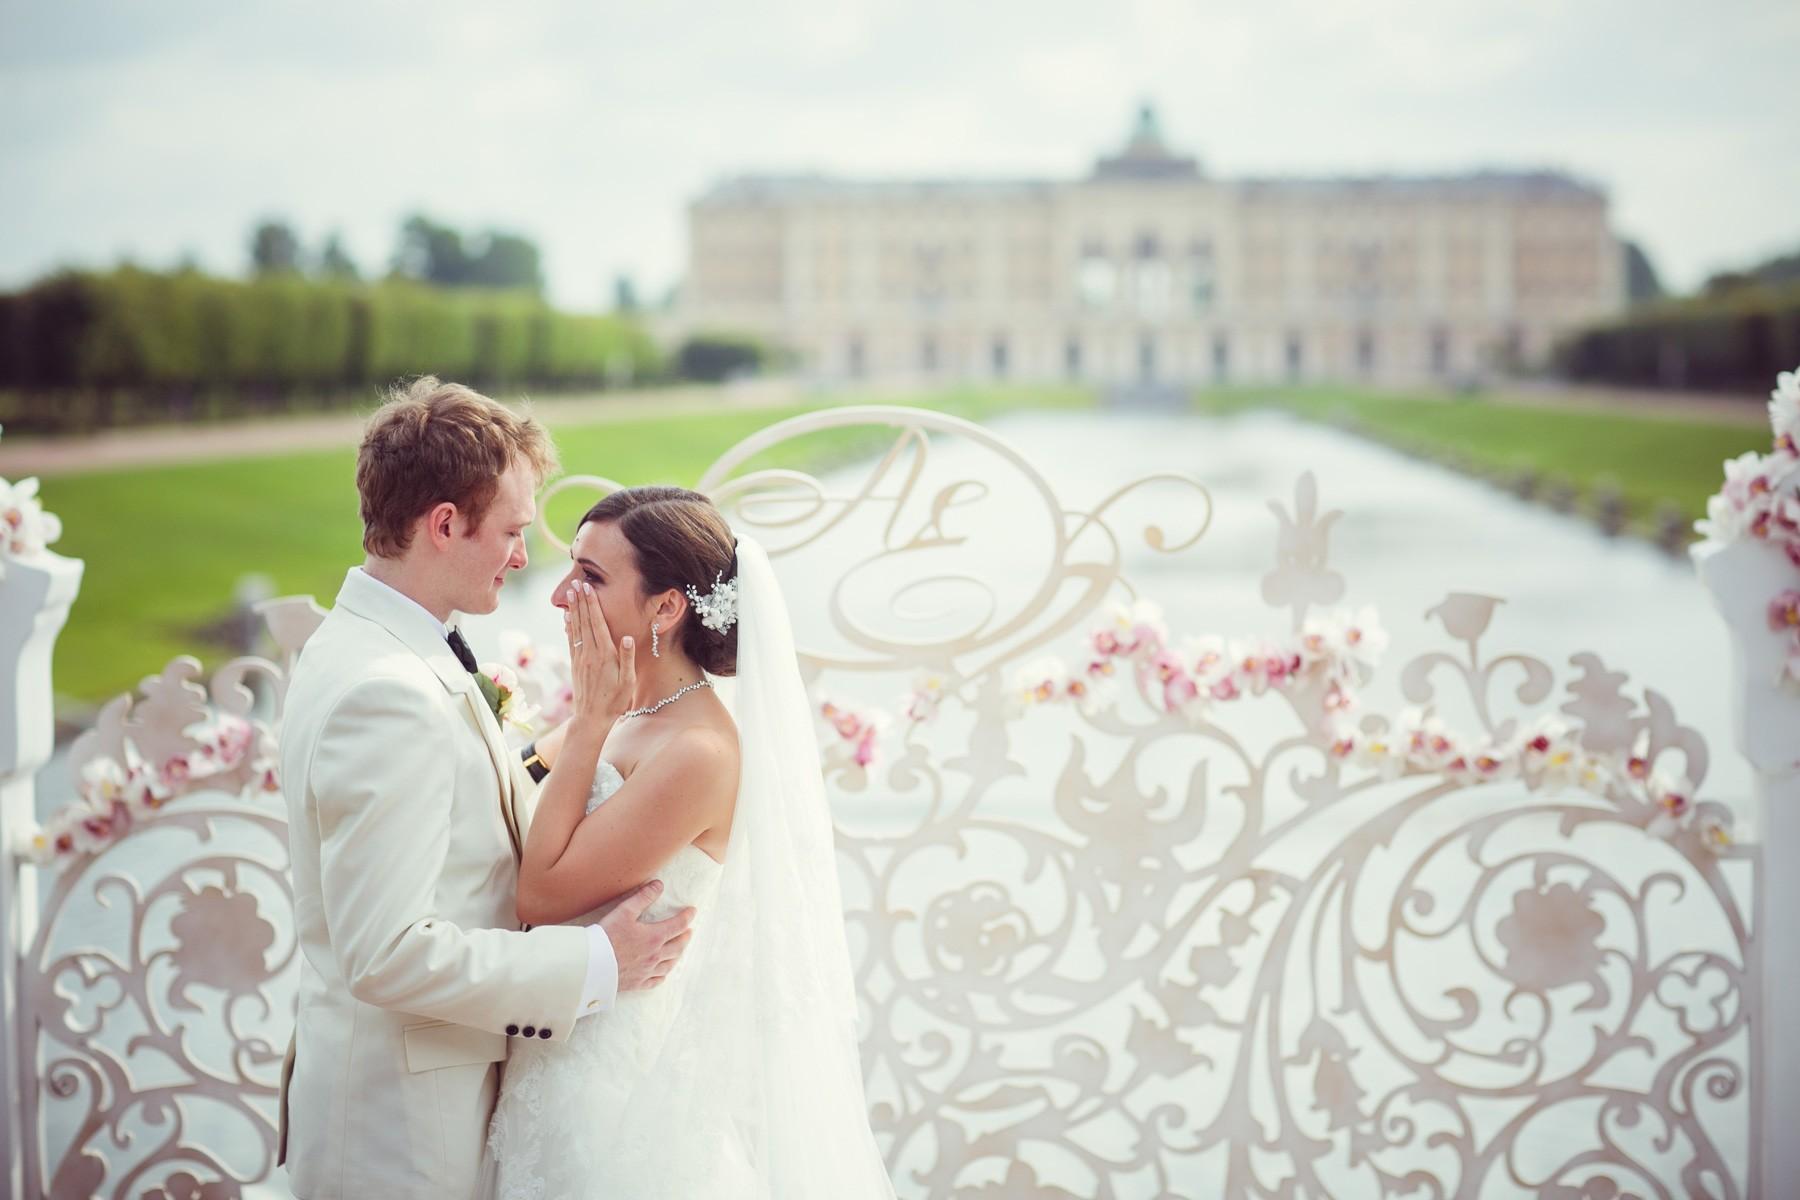 Агентство Art Jam: свадьбы в Санкт-Петербурге  фото 10